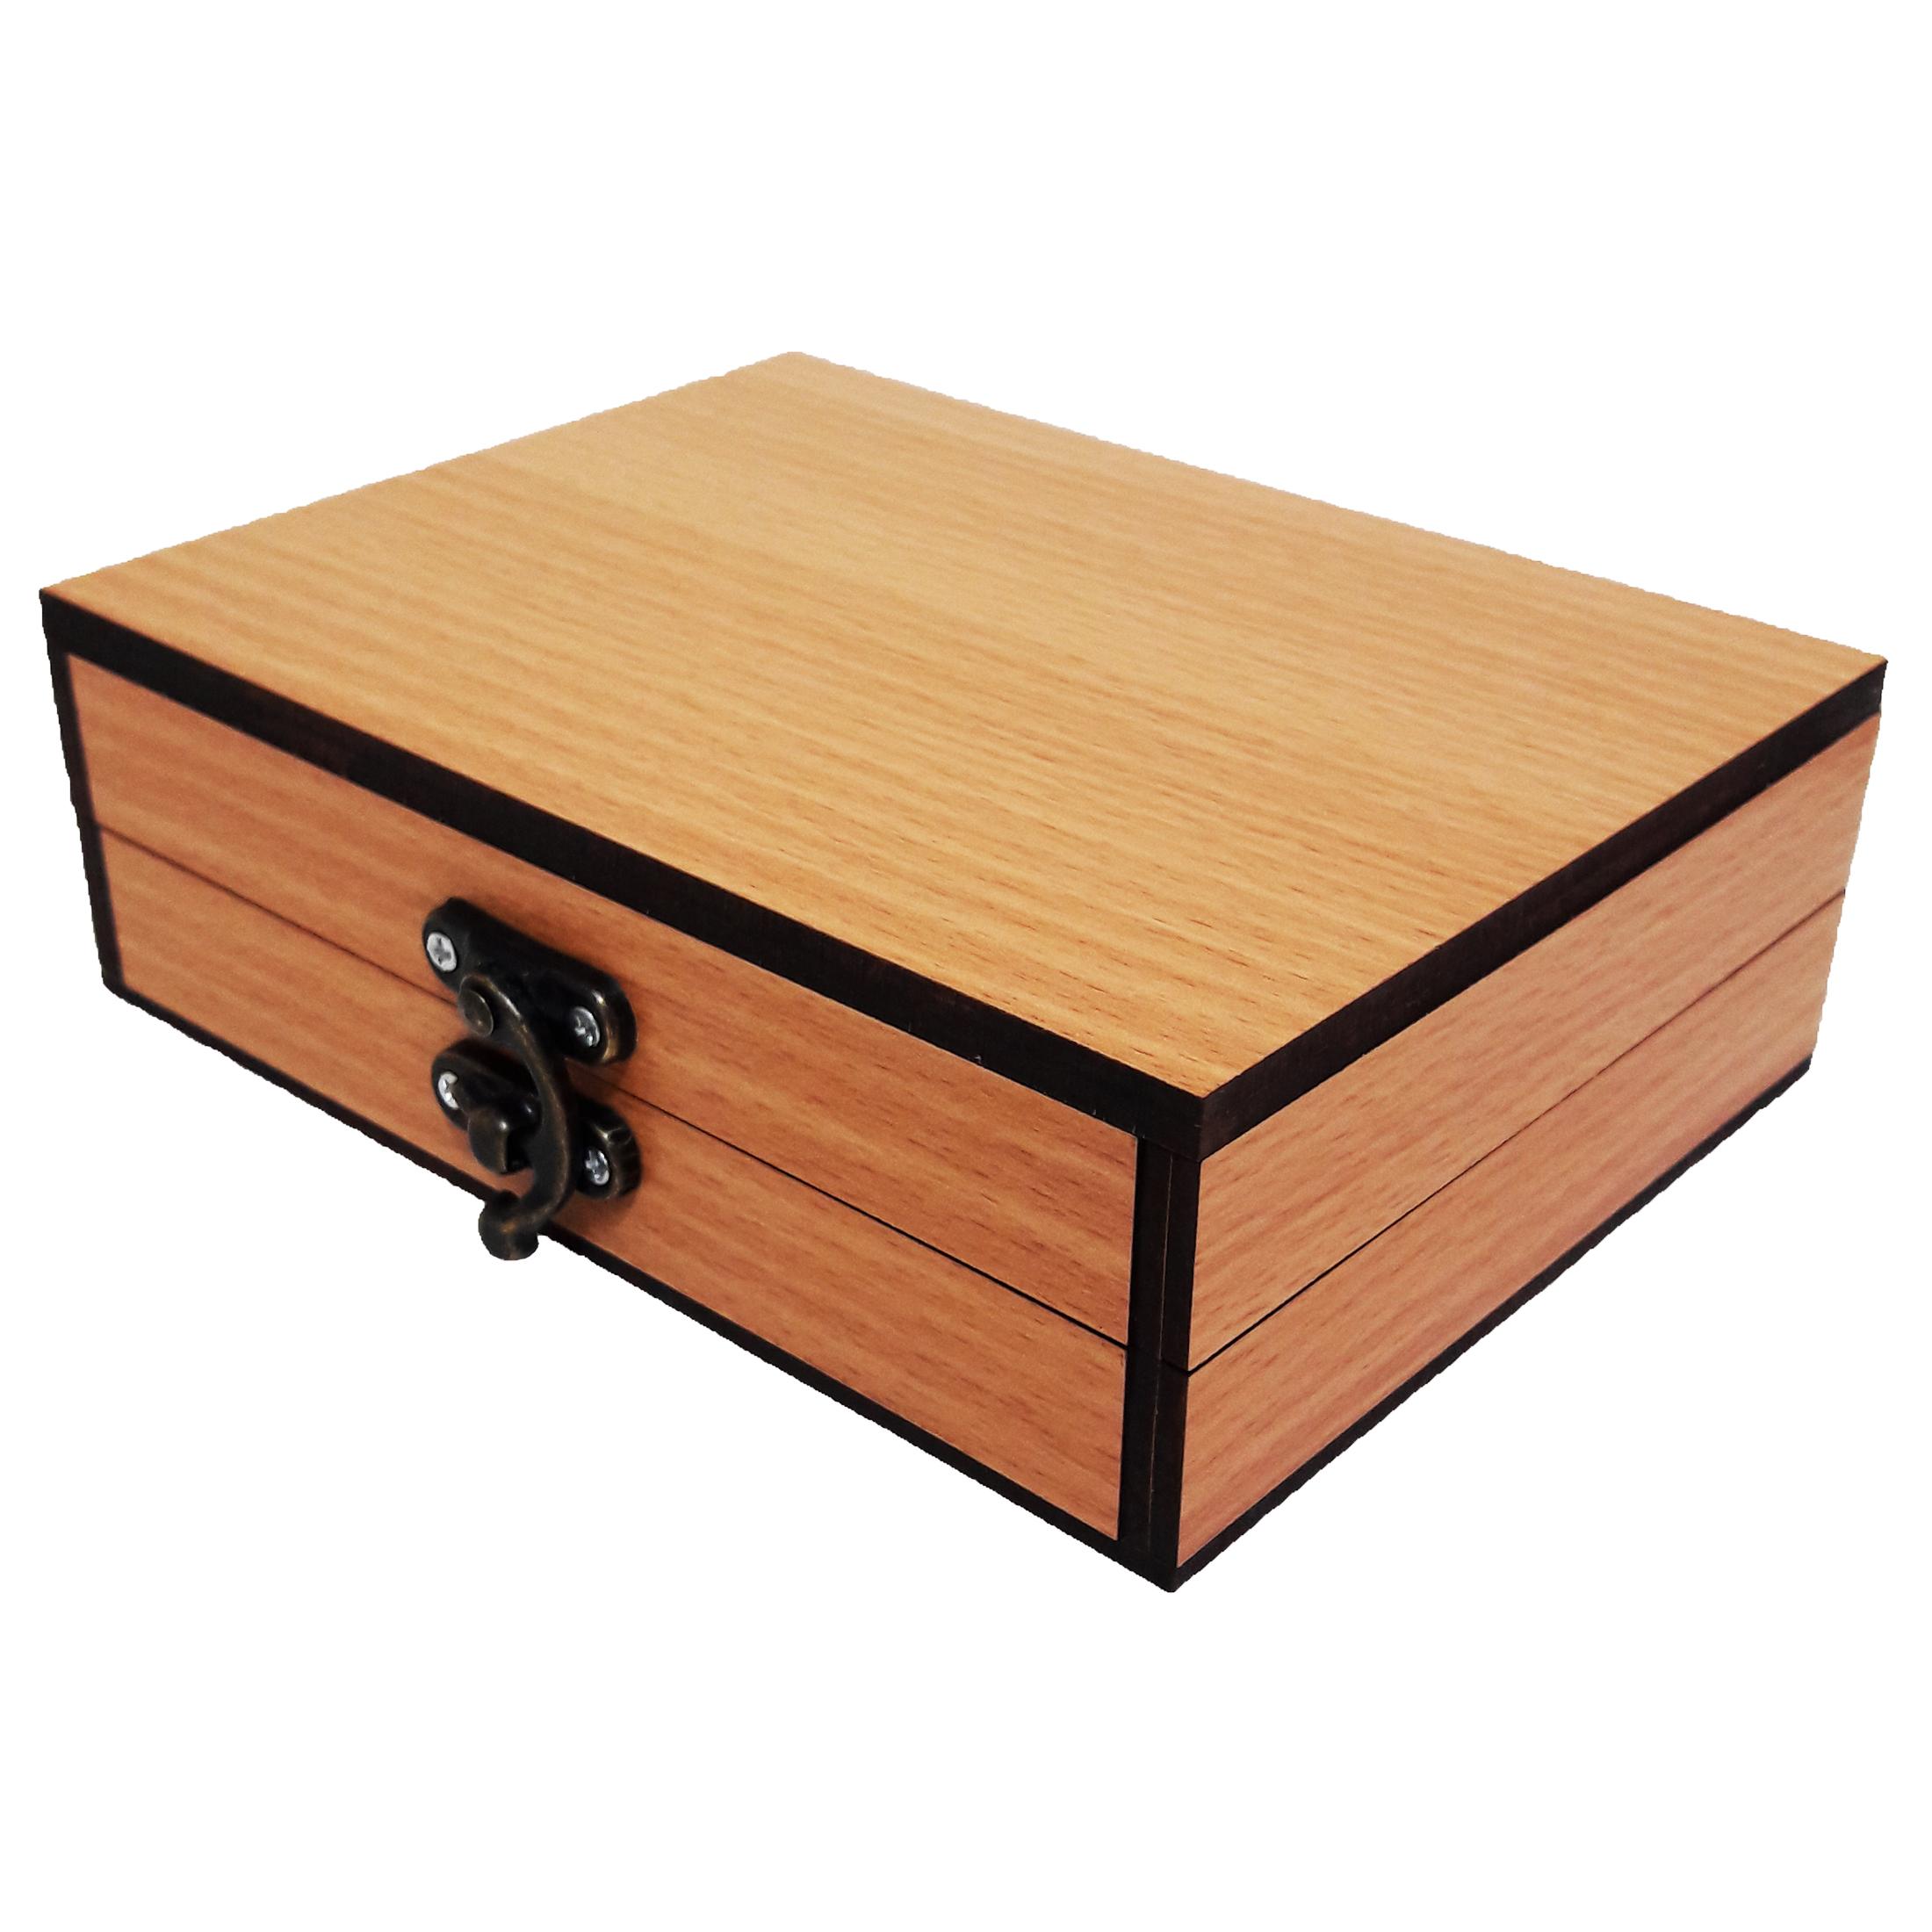 جعبه هدیه چوبی کادو آیهان باکس مدل 73